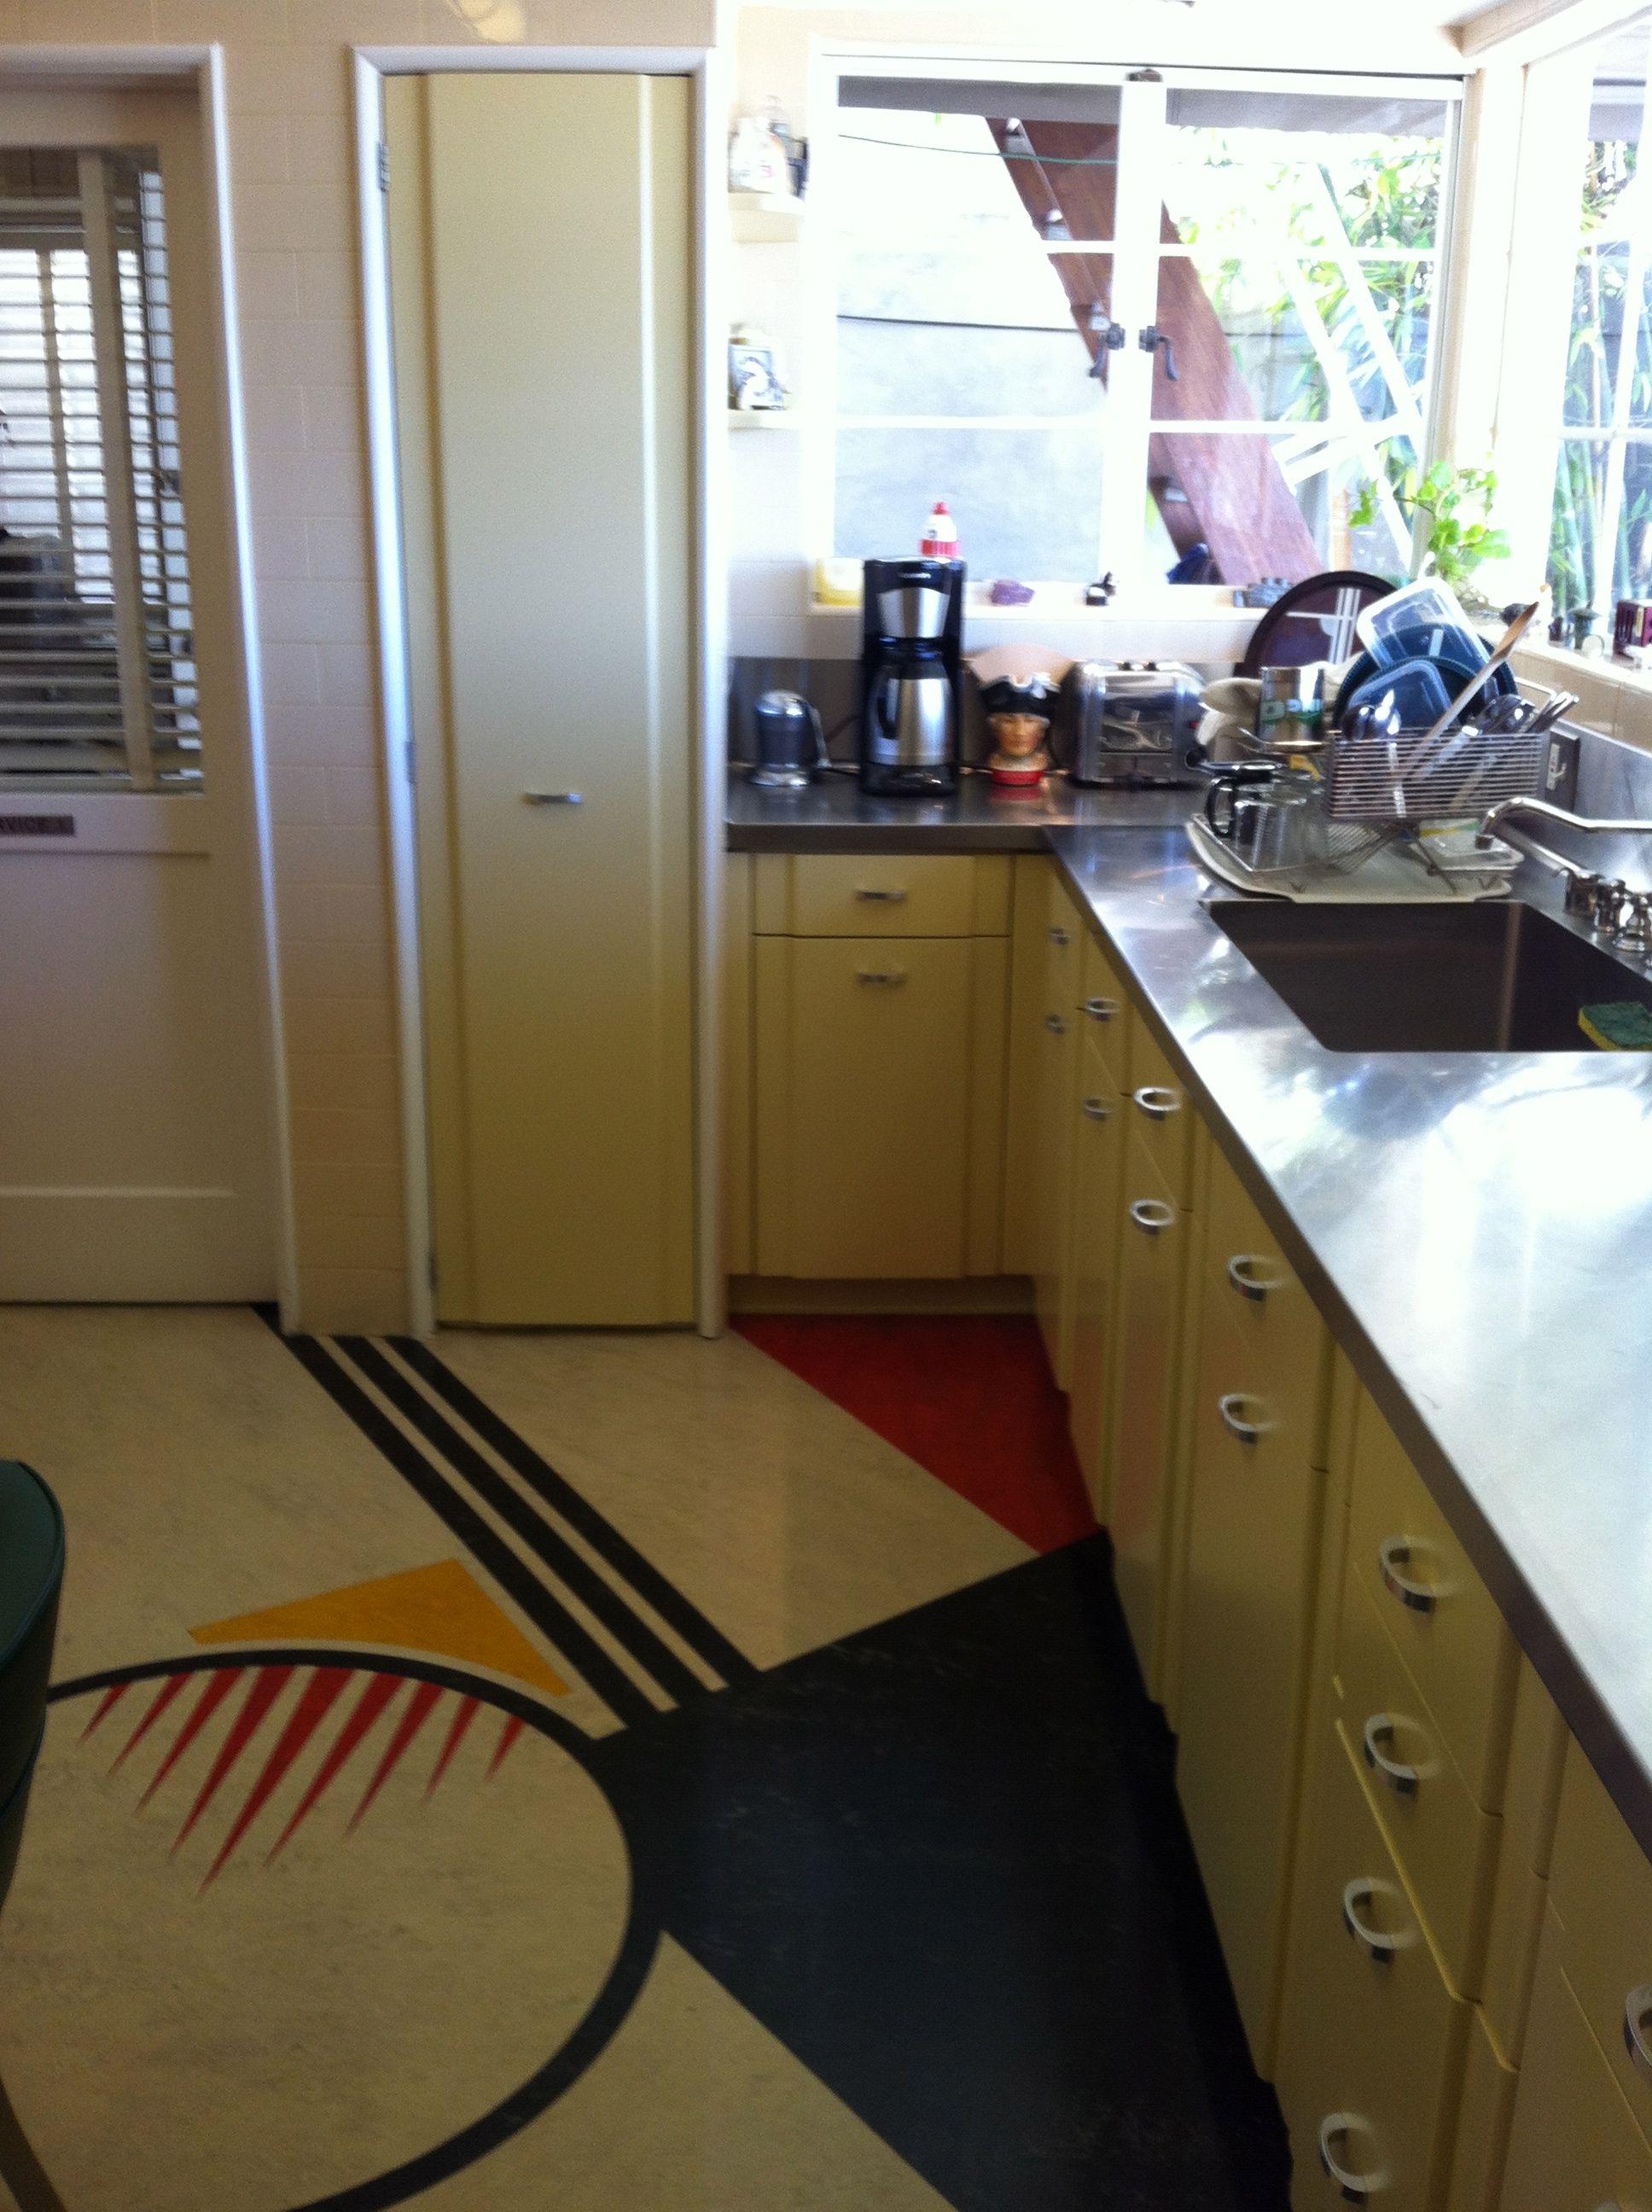 Streamline Modern Inlay Floor Inlay Flooring Streamline Moderne Rustic Kitchen Design